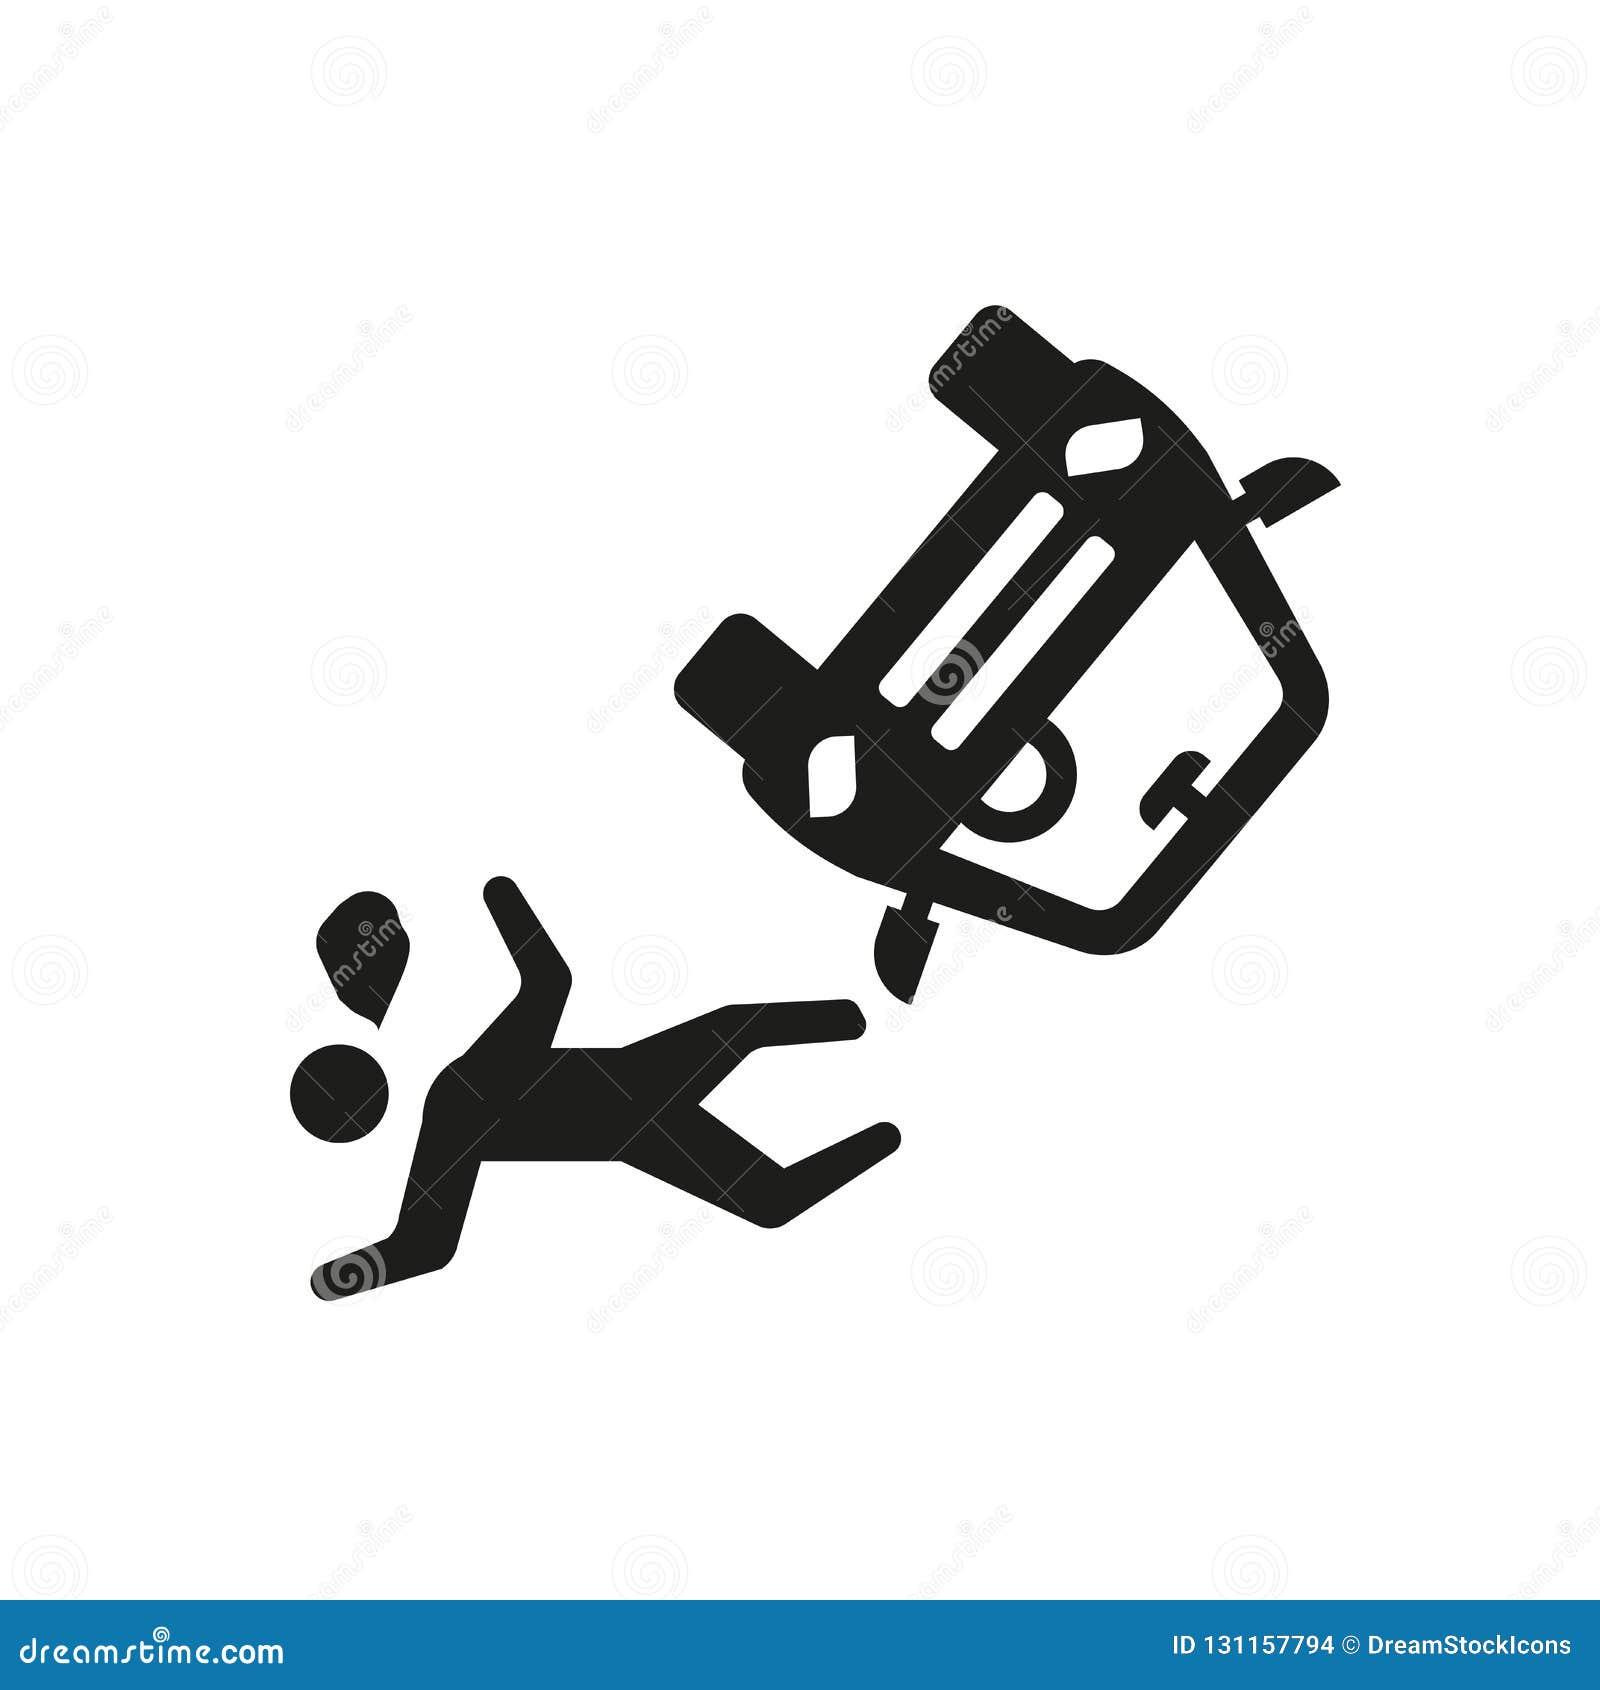 ατύχημα και εικονίδιο τραυματισμών Καθιερώνον τη μόδα ατύχημα και λογότυπο τραυματισμών ομο